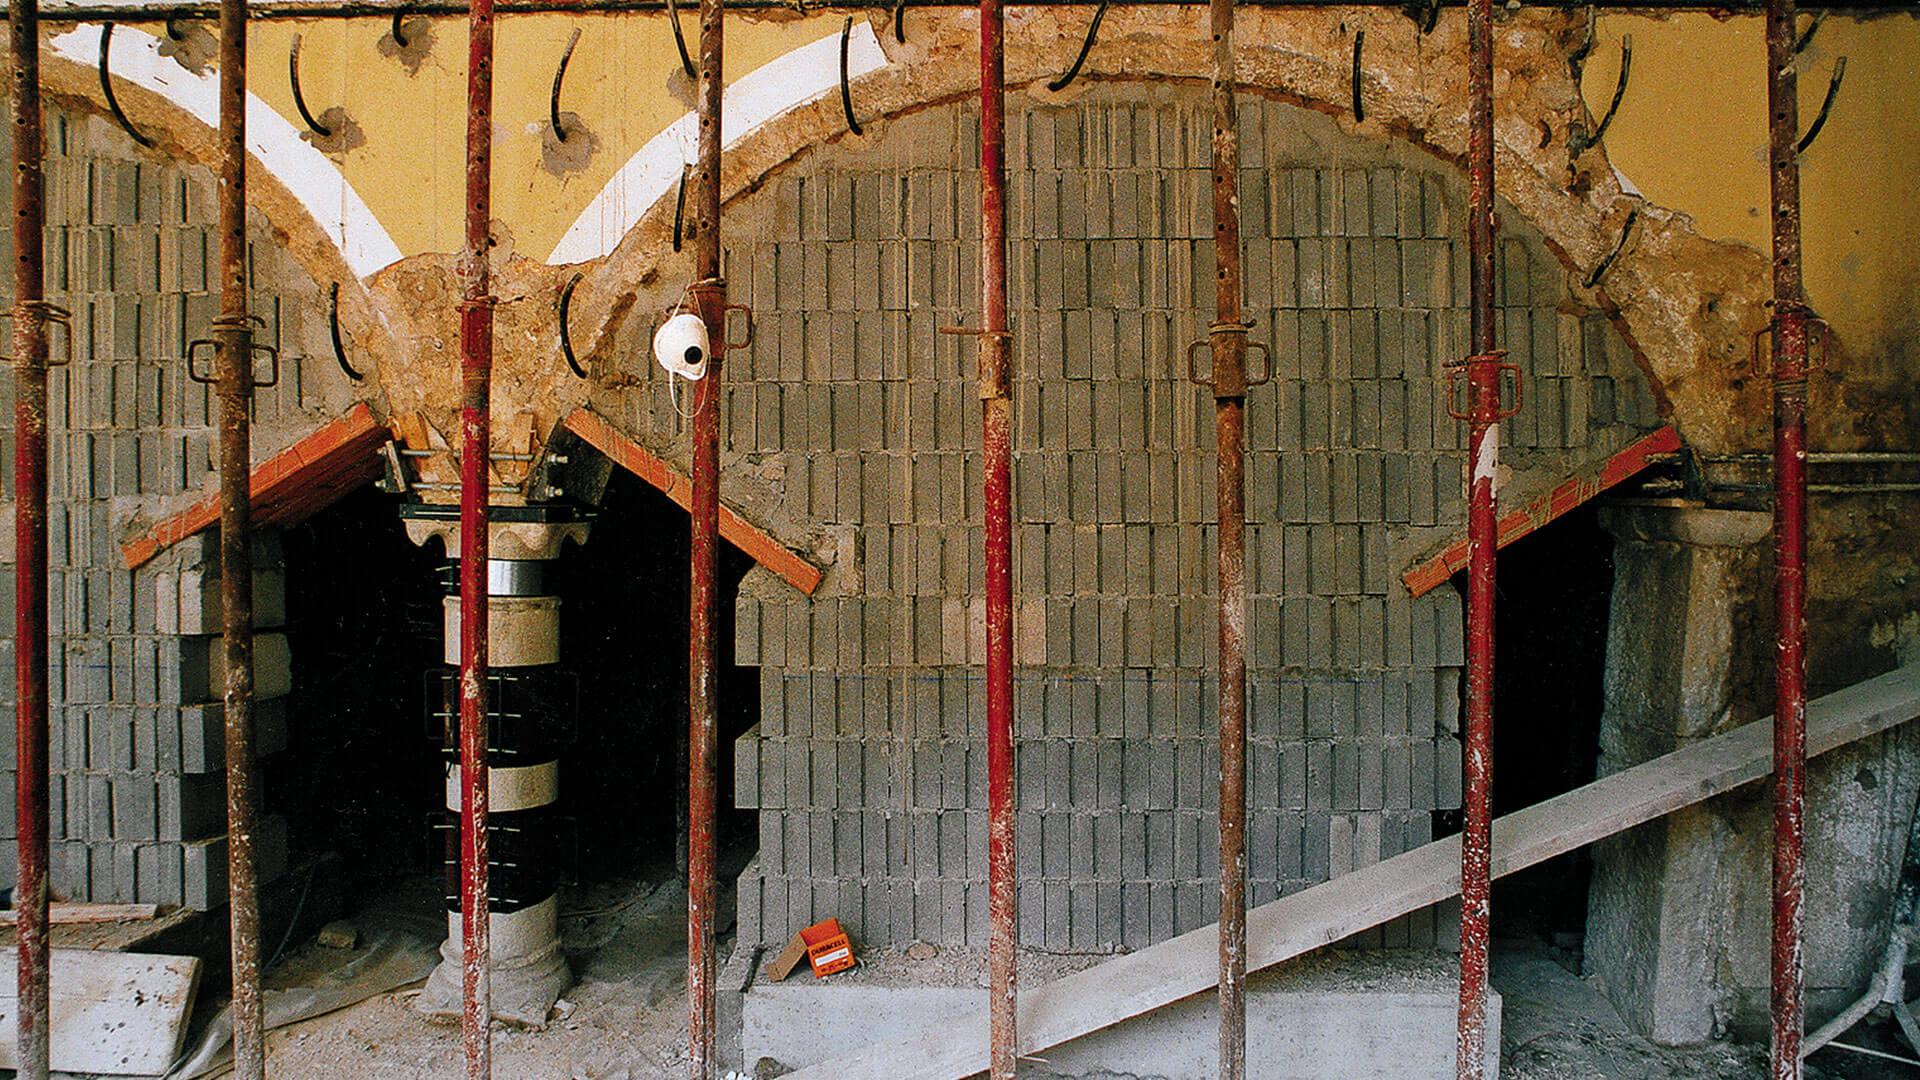 La colonna di cui alla foto precedente è stata rimossa per poi essere ricollocata baricentricamente al sovrastante carico